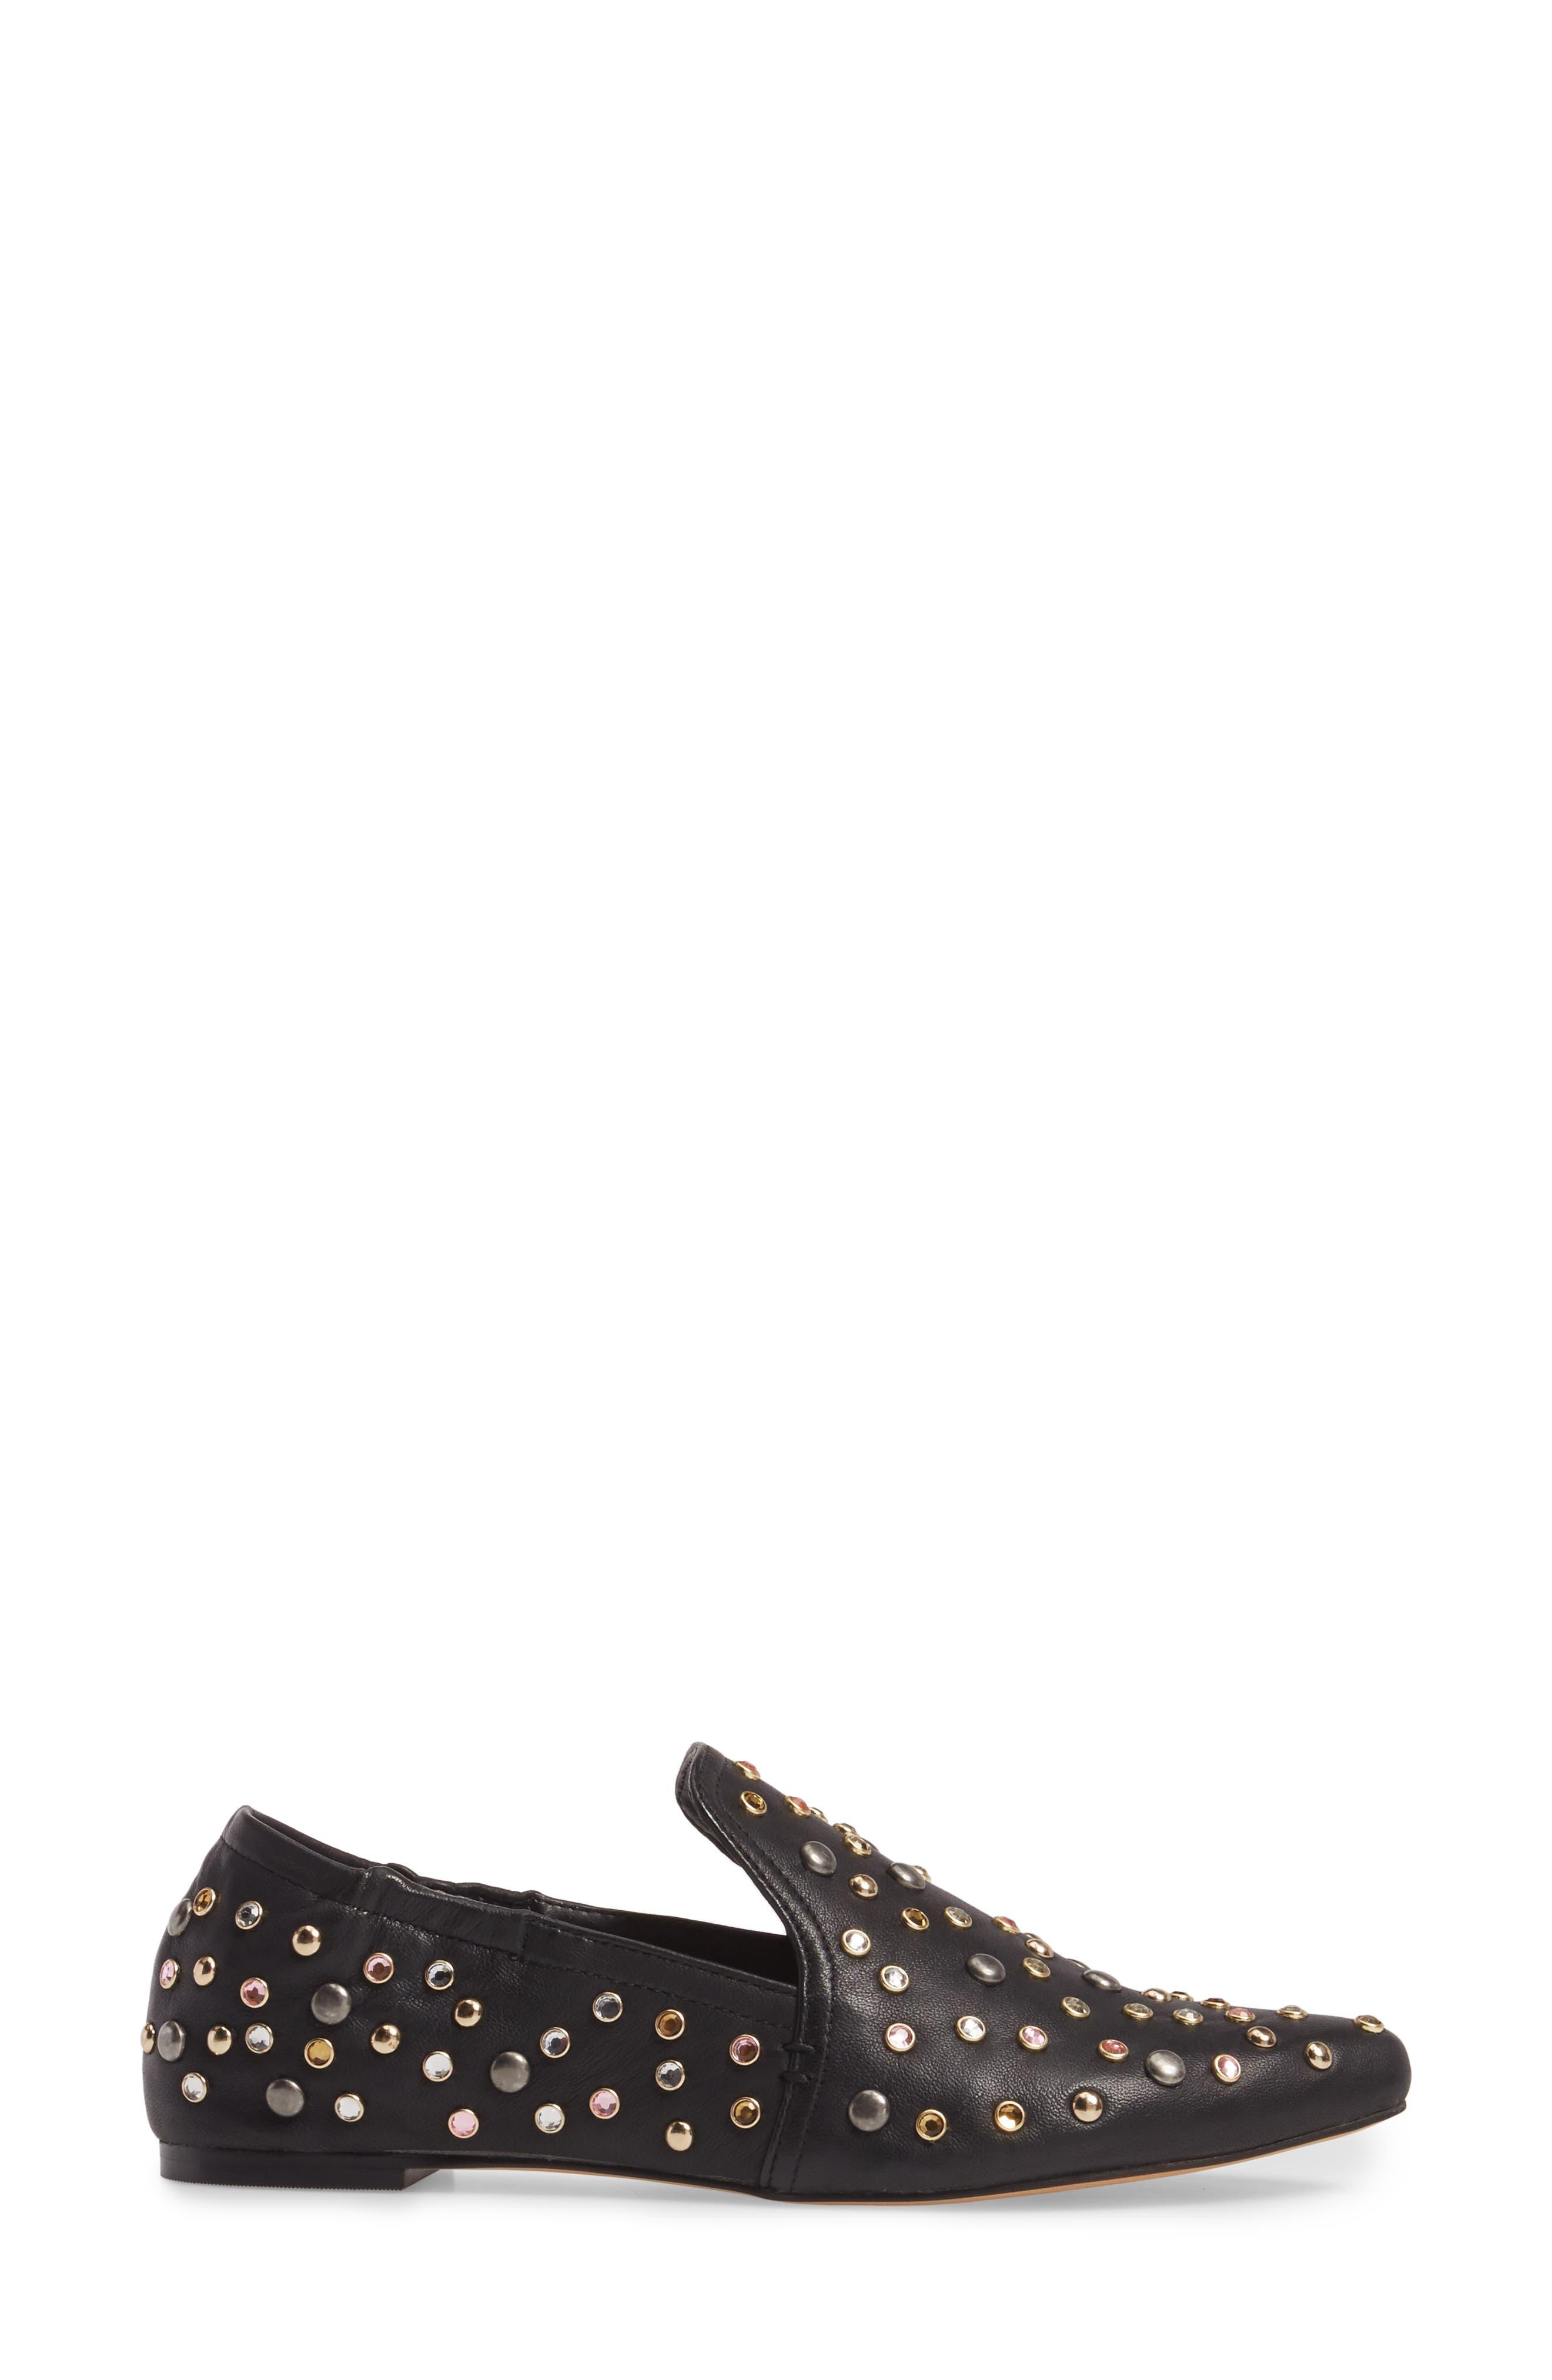 Hamond Stud Embellished Loafer Flat,                             Alternate thumbnail 3, color,                             001